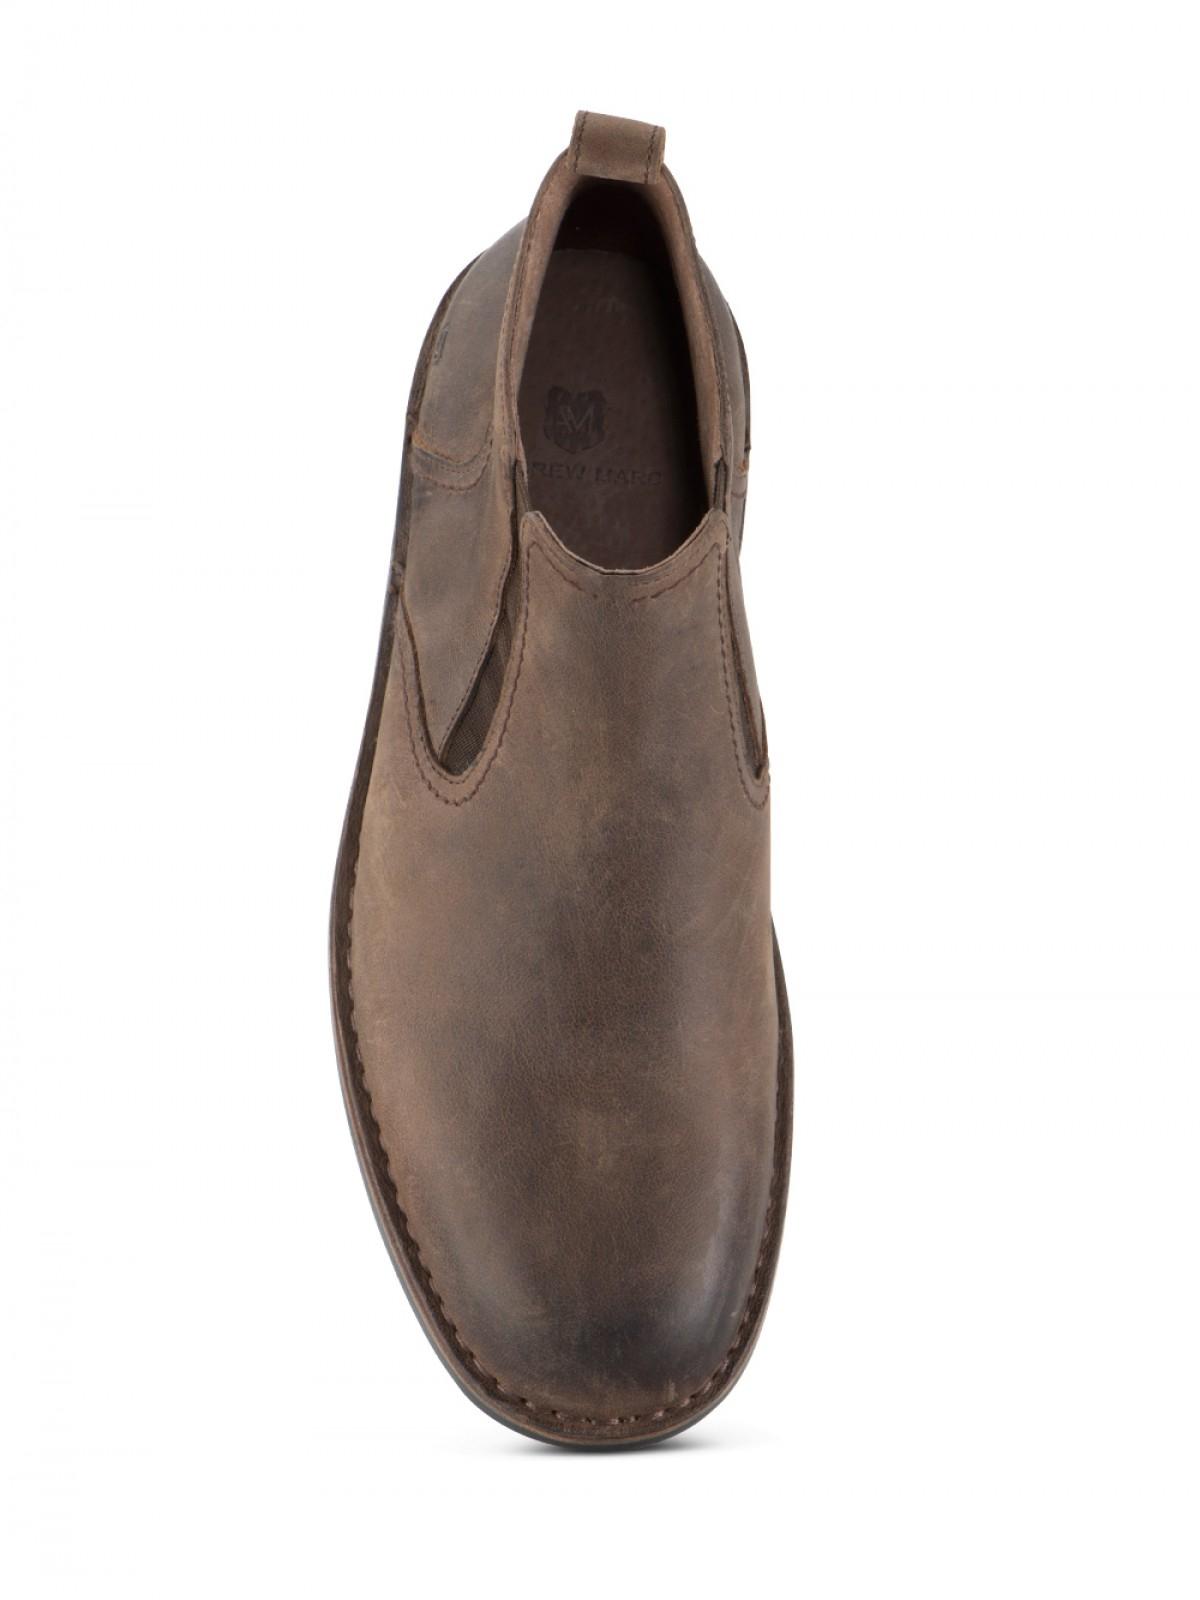 ugg boots eugene